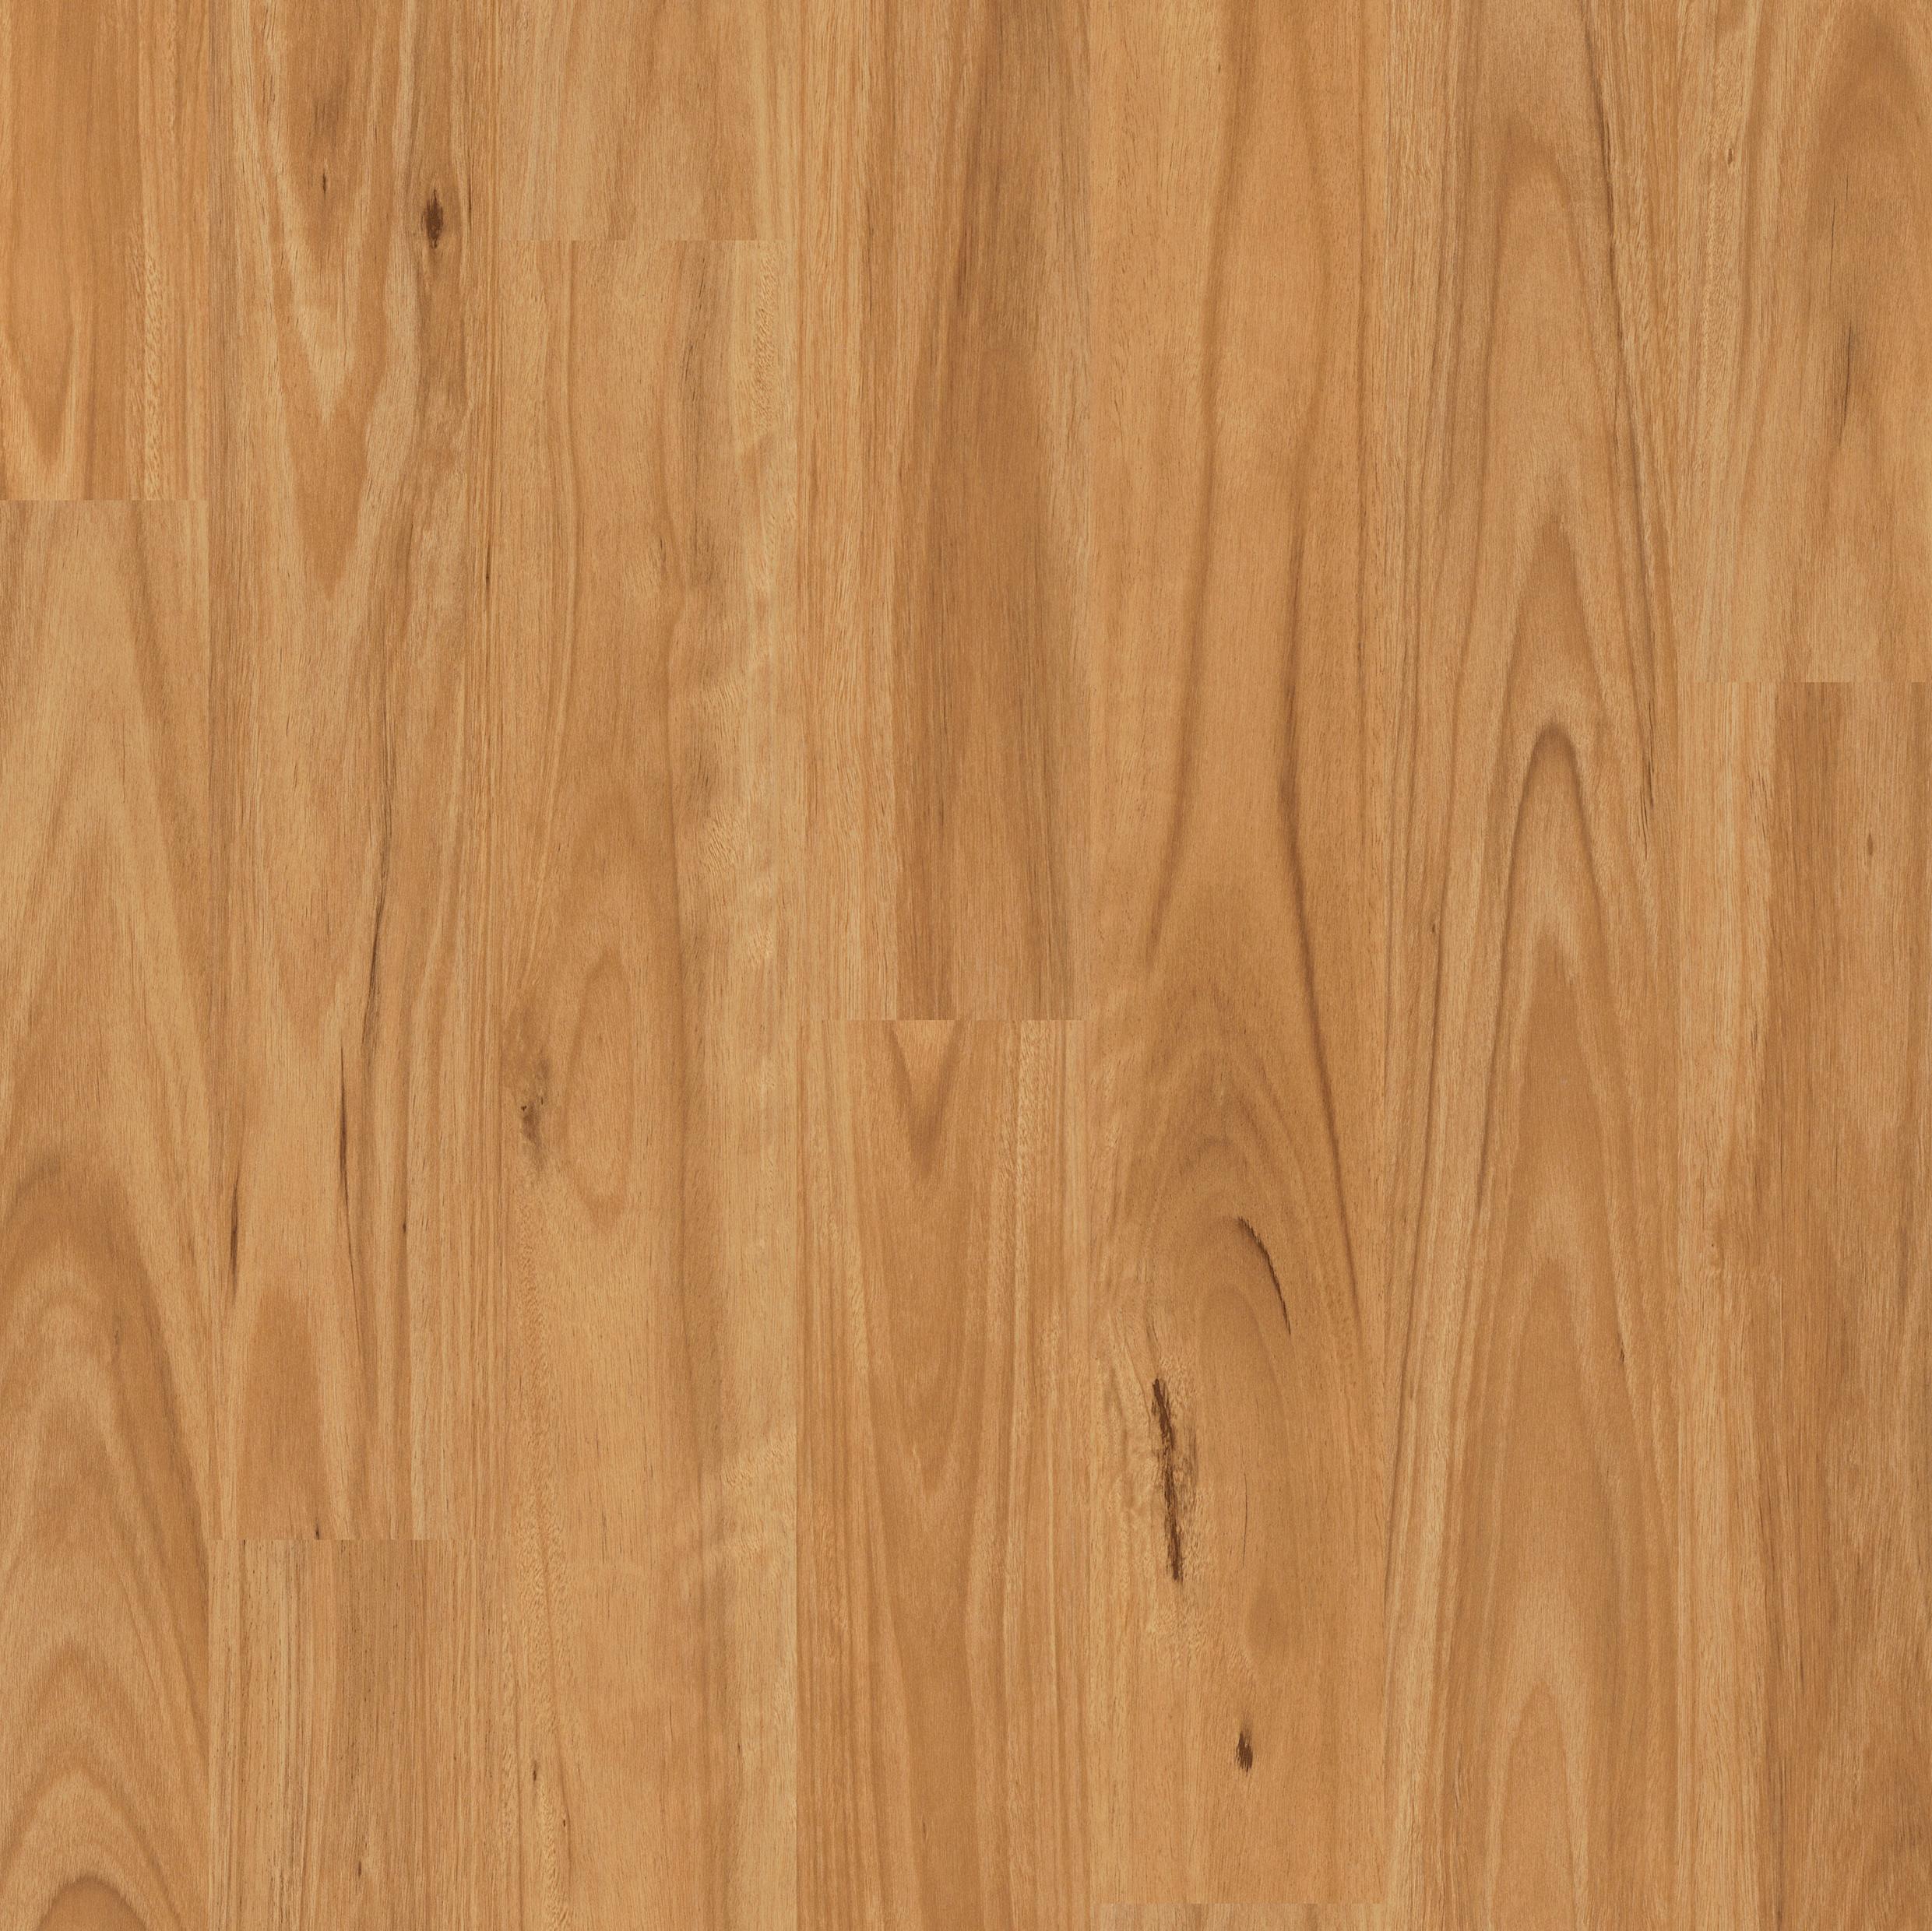 Eligna quick step victoria road carpets for Us laminate flooring